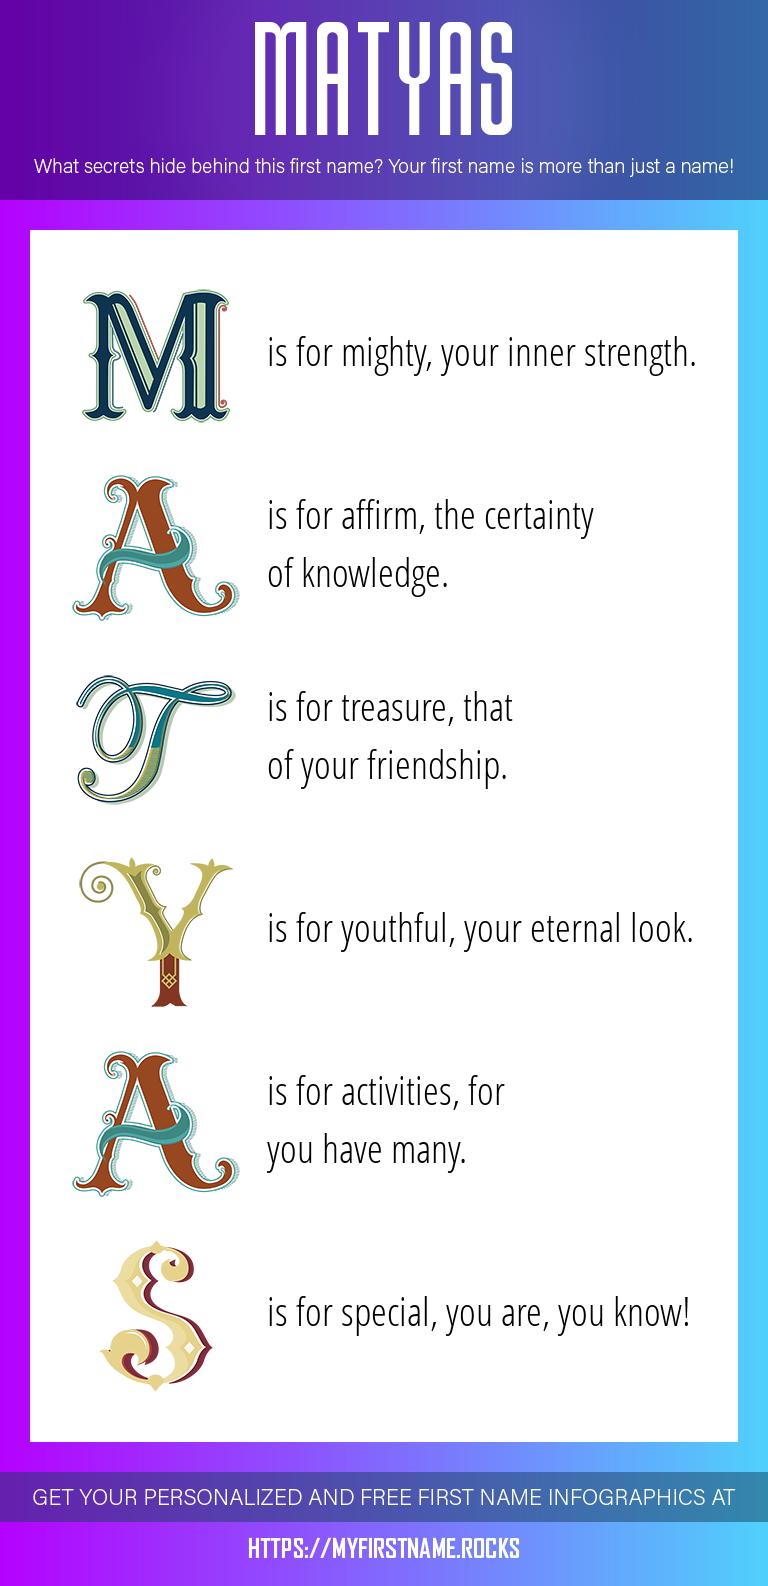 Matyas Infographics